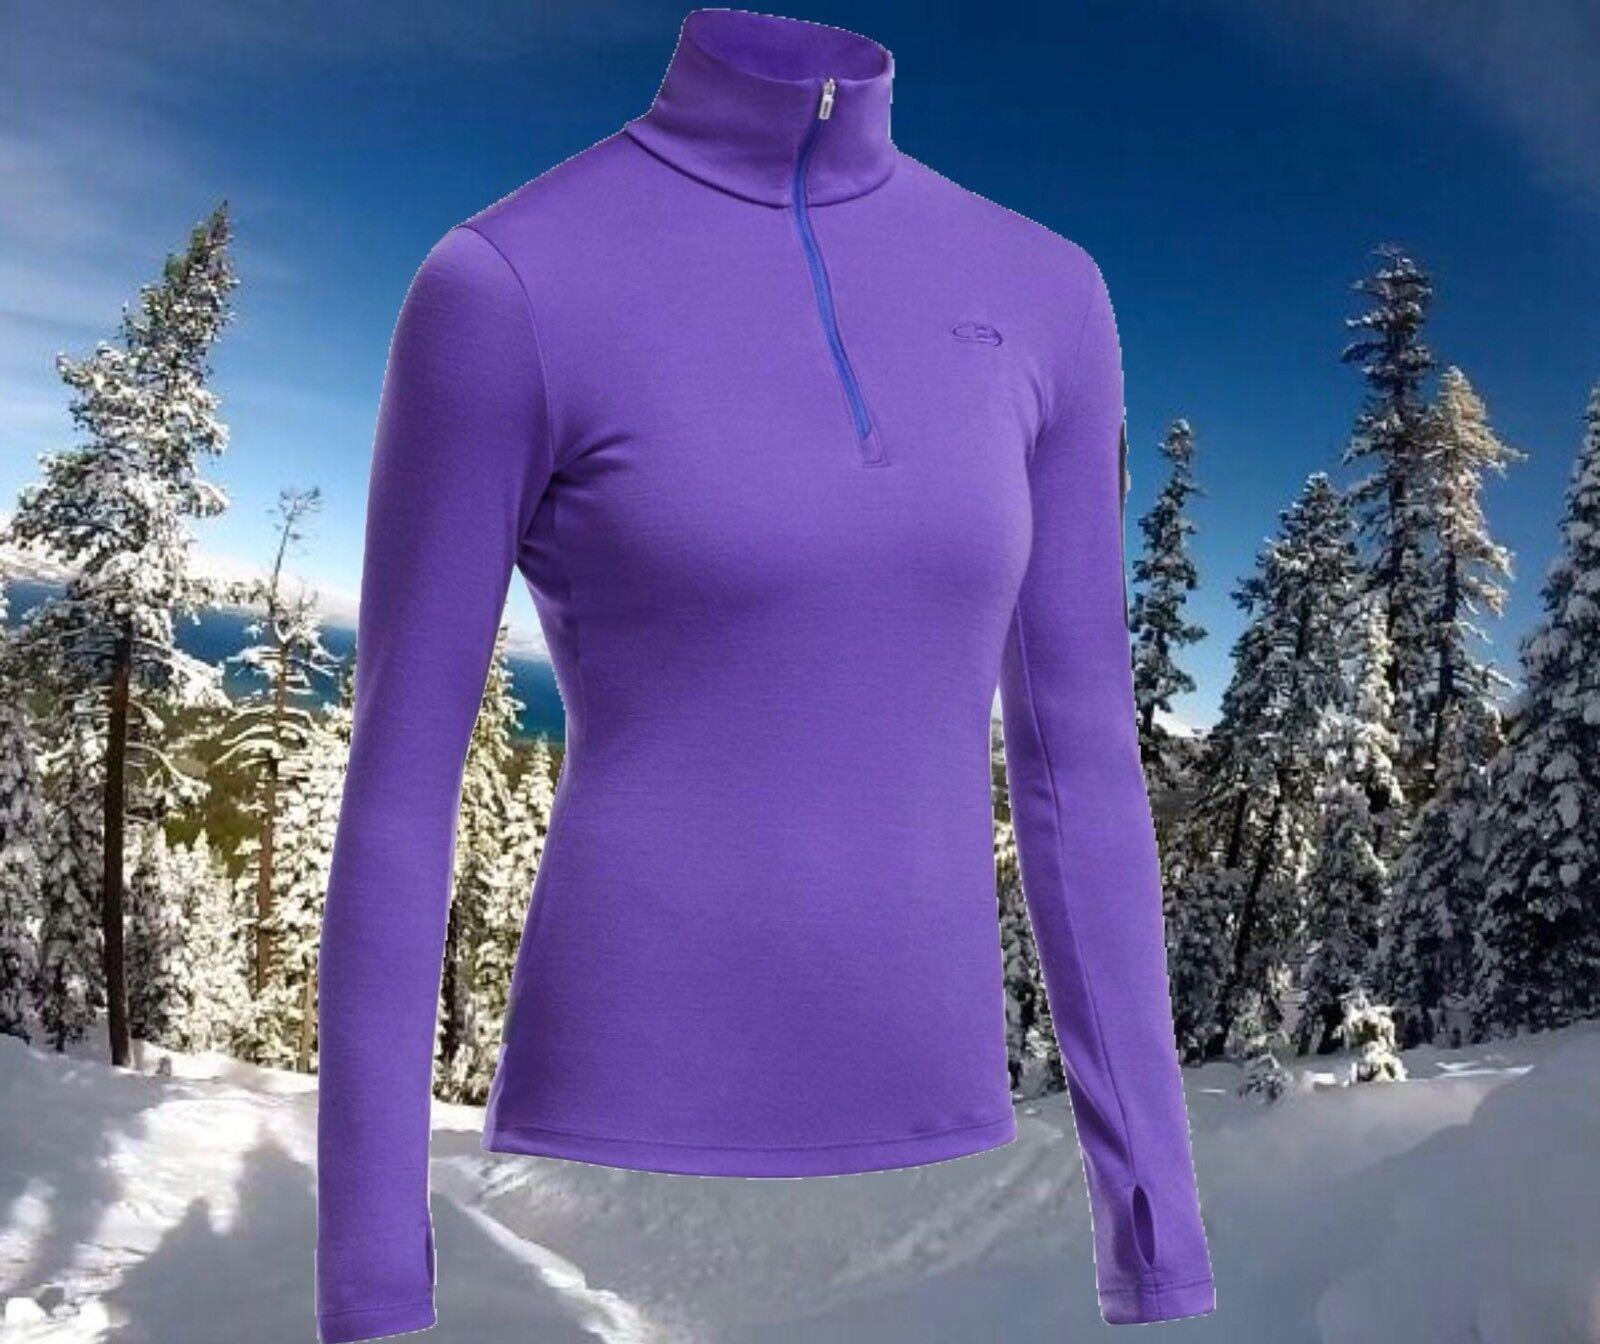 Icebreaker para mujer grande verdeEX 1 2 Cremallera 260g la  lana Merino Sports Ski súperIOR nuevo con etiquetas  160  aquí tiene la última